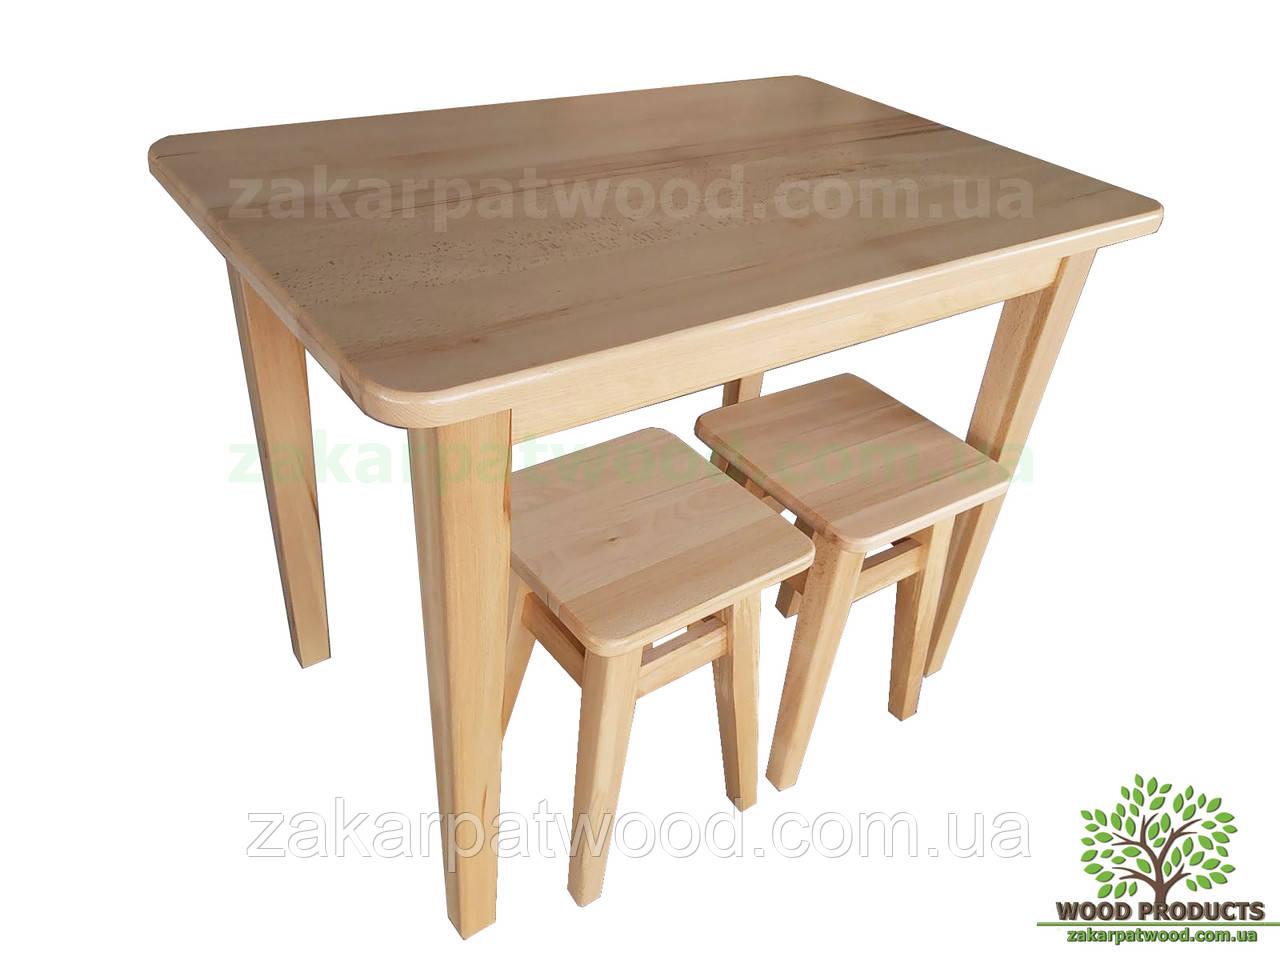 Обідній комплект (стіл +4табурета) 1400*650мм